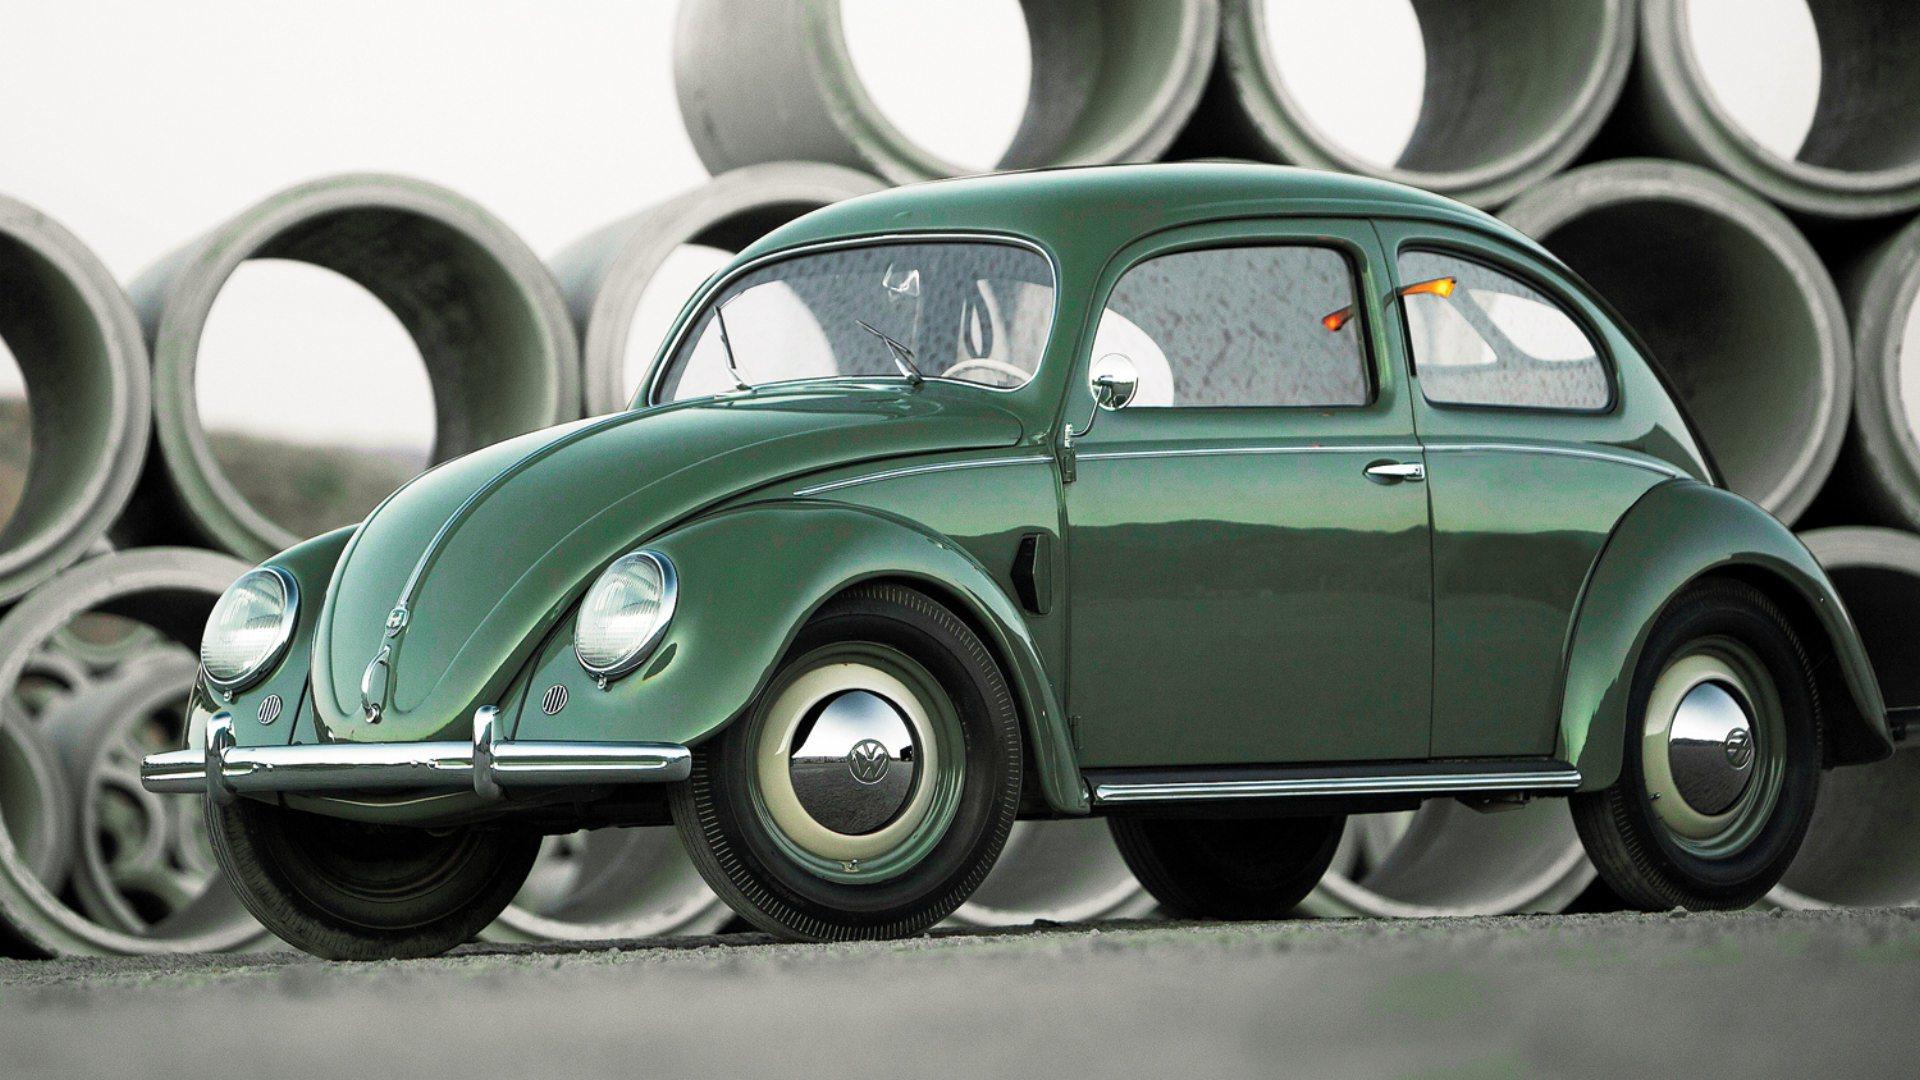 http://3.bp.blogspot.com/-Cb_KCVP6U_g/UQyvVaHzIEI/AAAAAAAARzI/OBjr9buayrA/s1920/Volkswagen-Beetle-classic-wallpaper.jpg